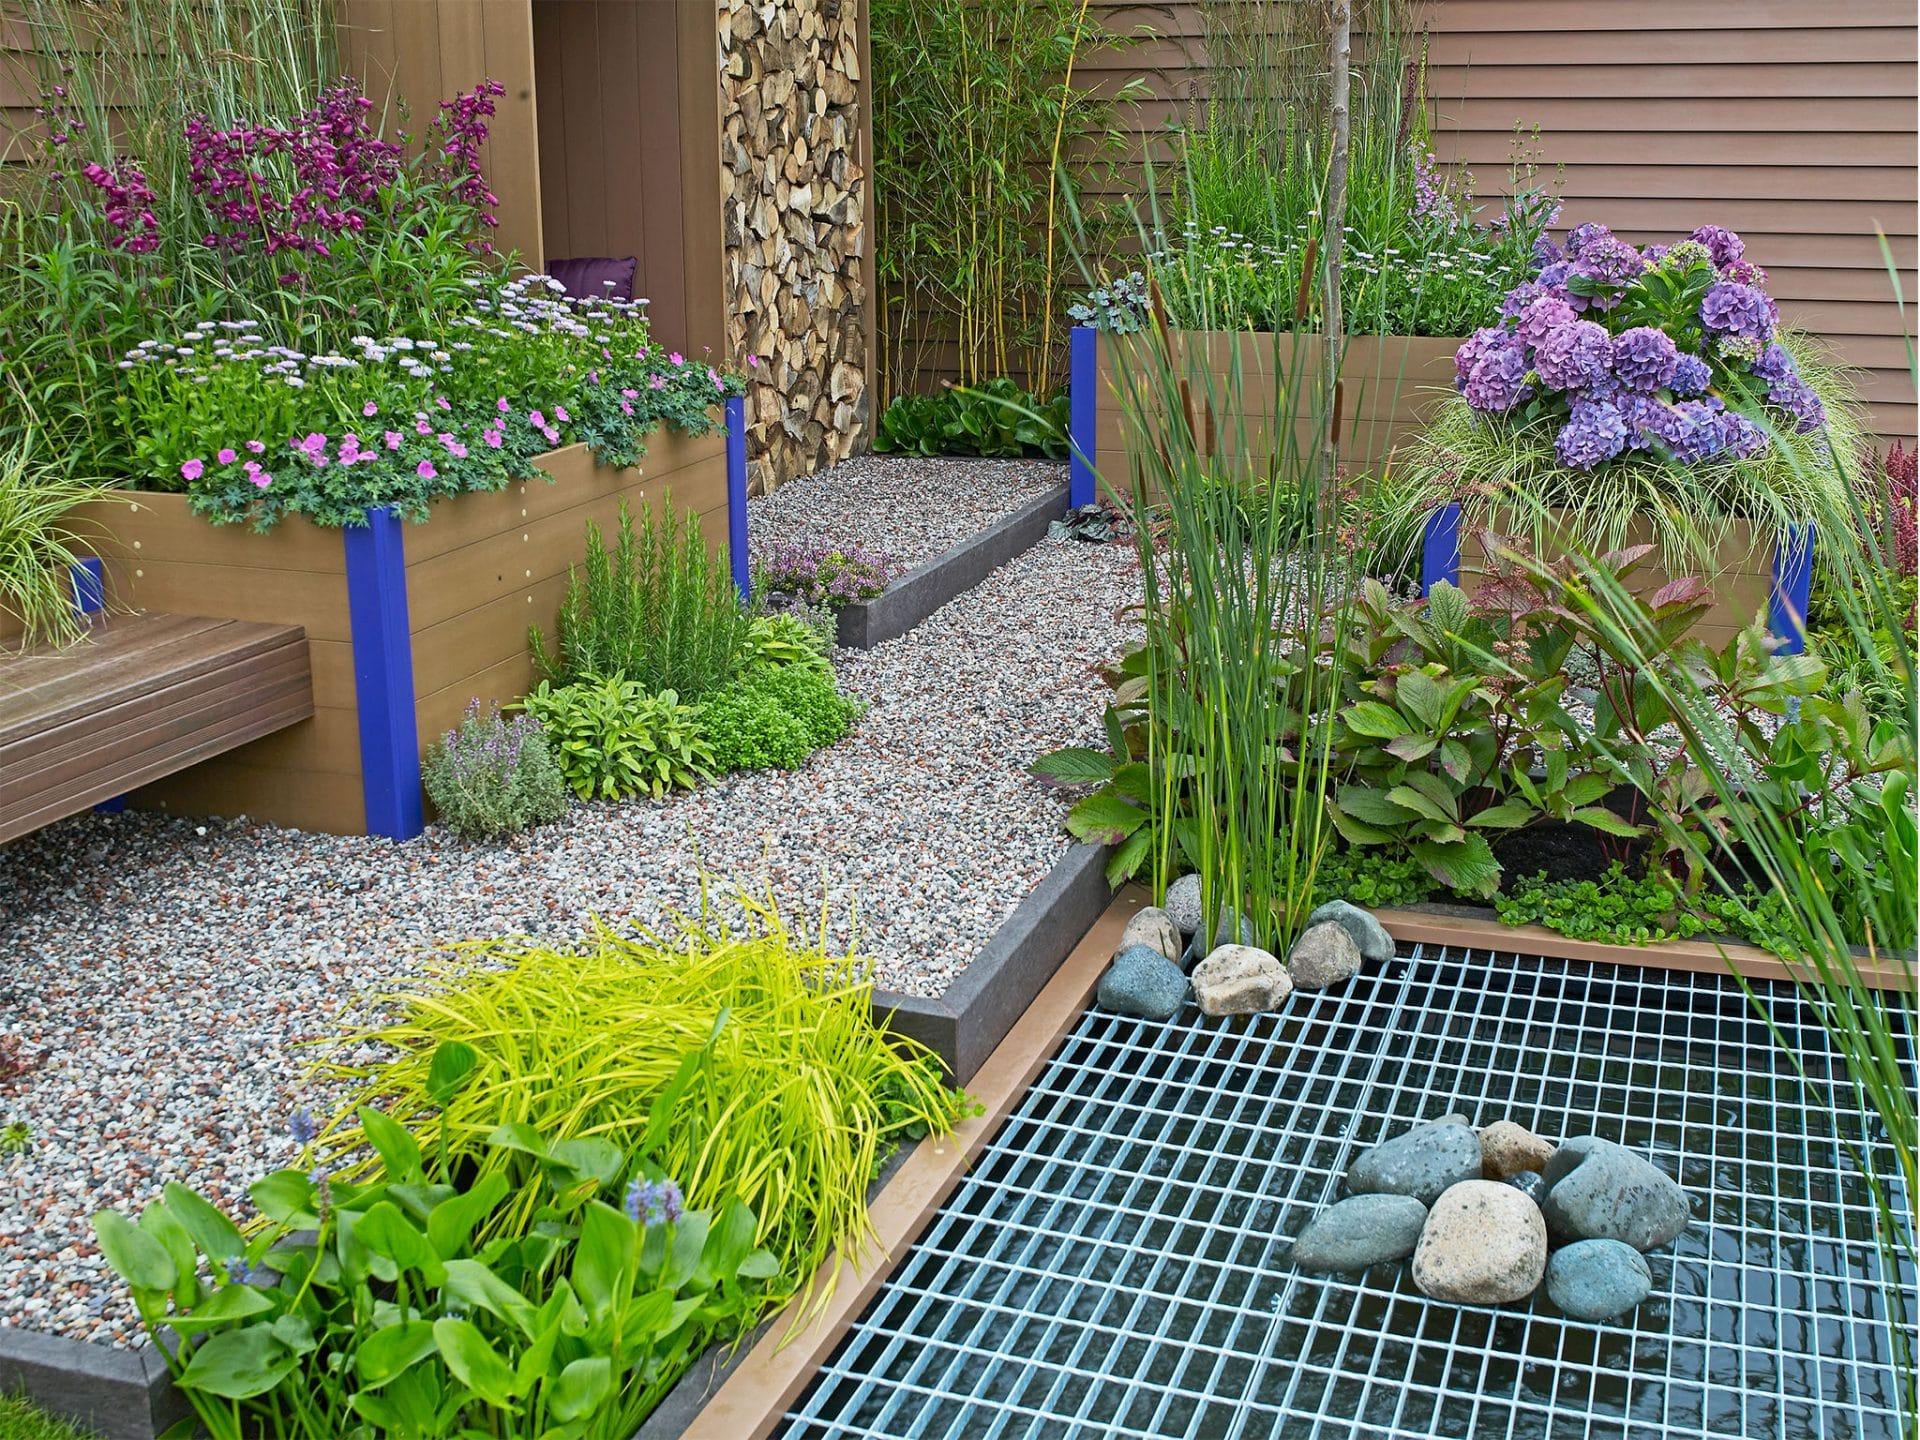 Kleiner Kiesgarten mit Hochbeeten für die Pflanzen © gardenguru - depositphotos.com